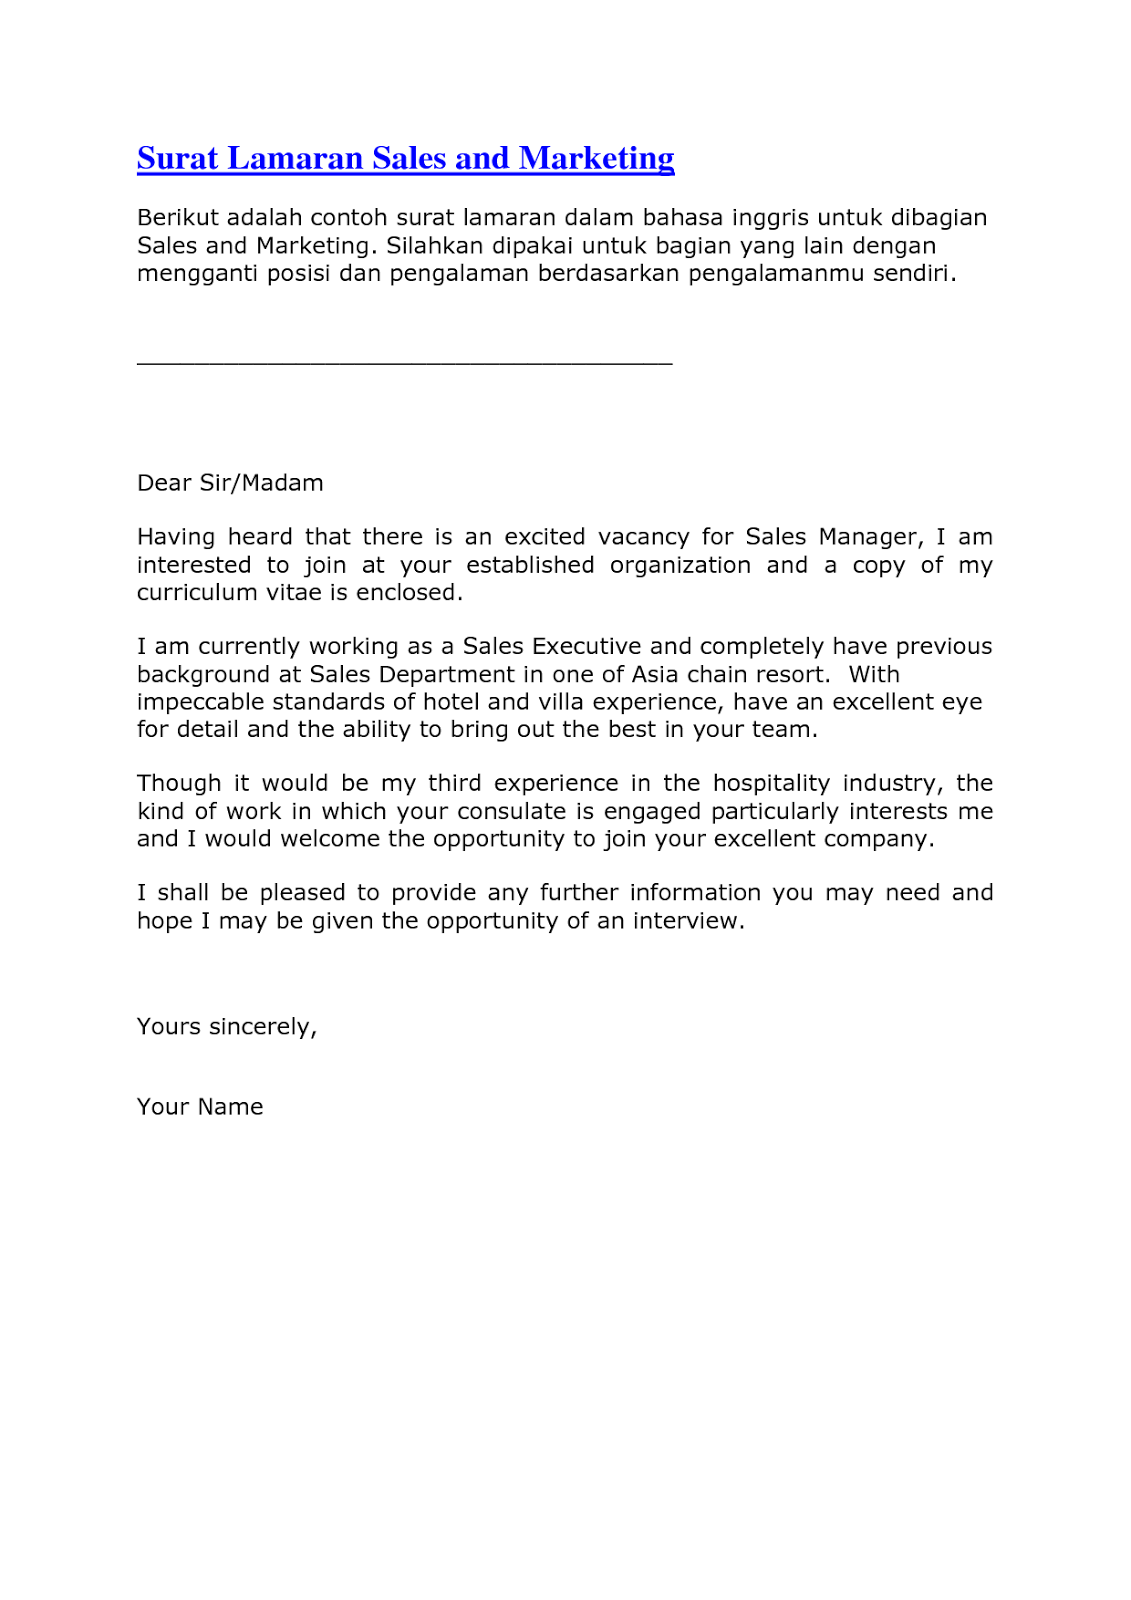 Contoh Surat Lamaran Kerja Bahasa Inggris Untuk Fresh